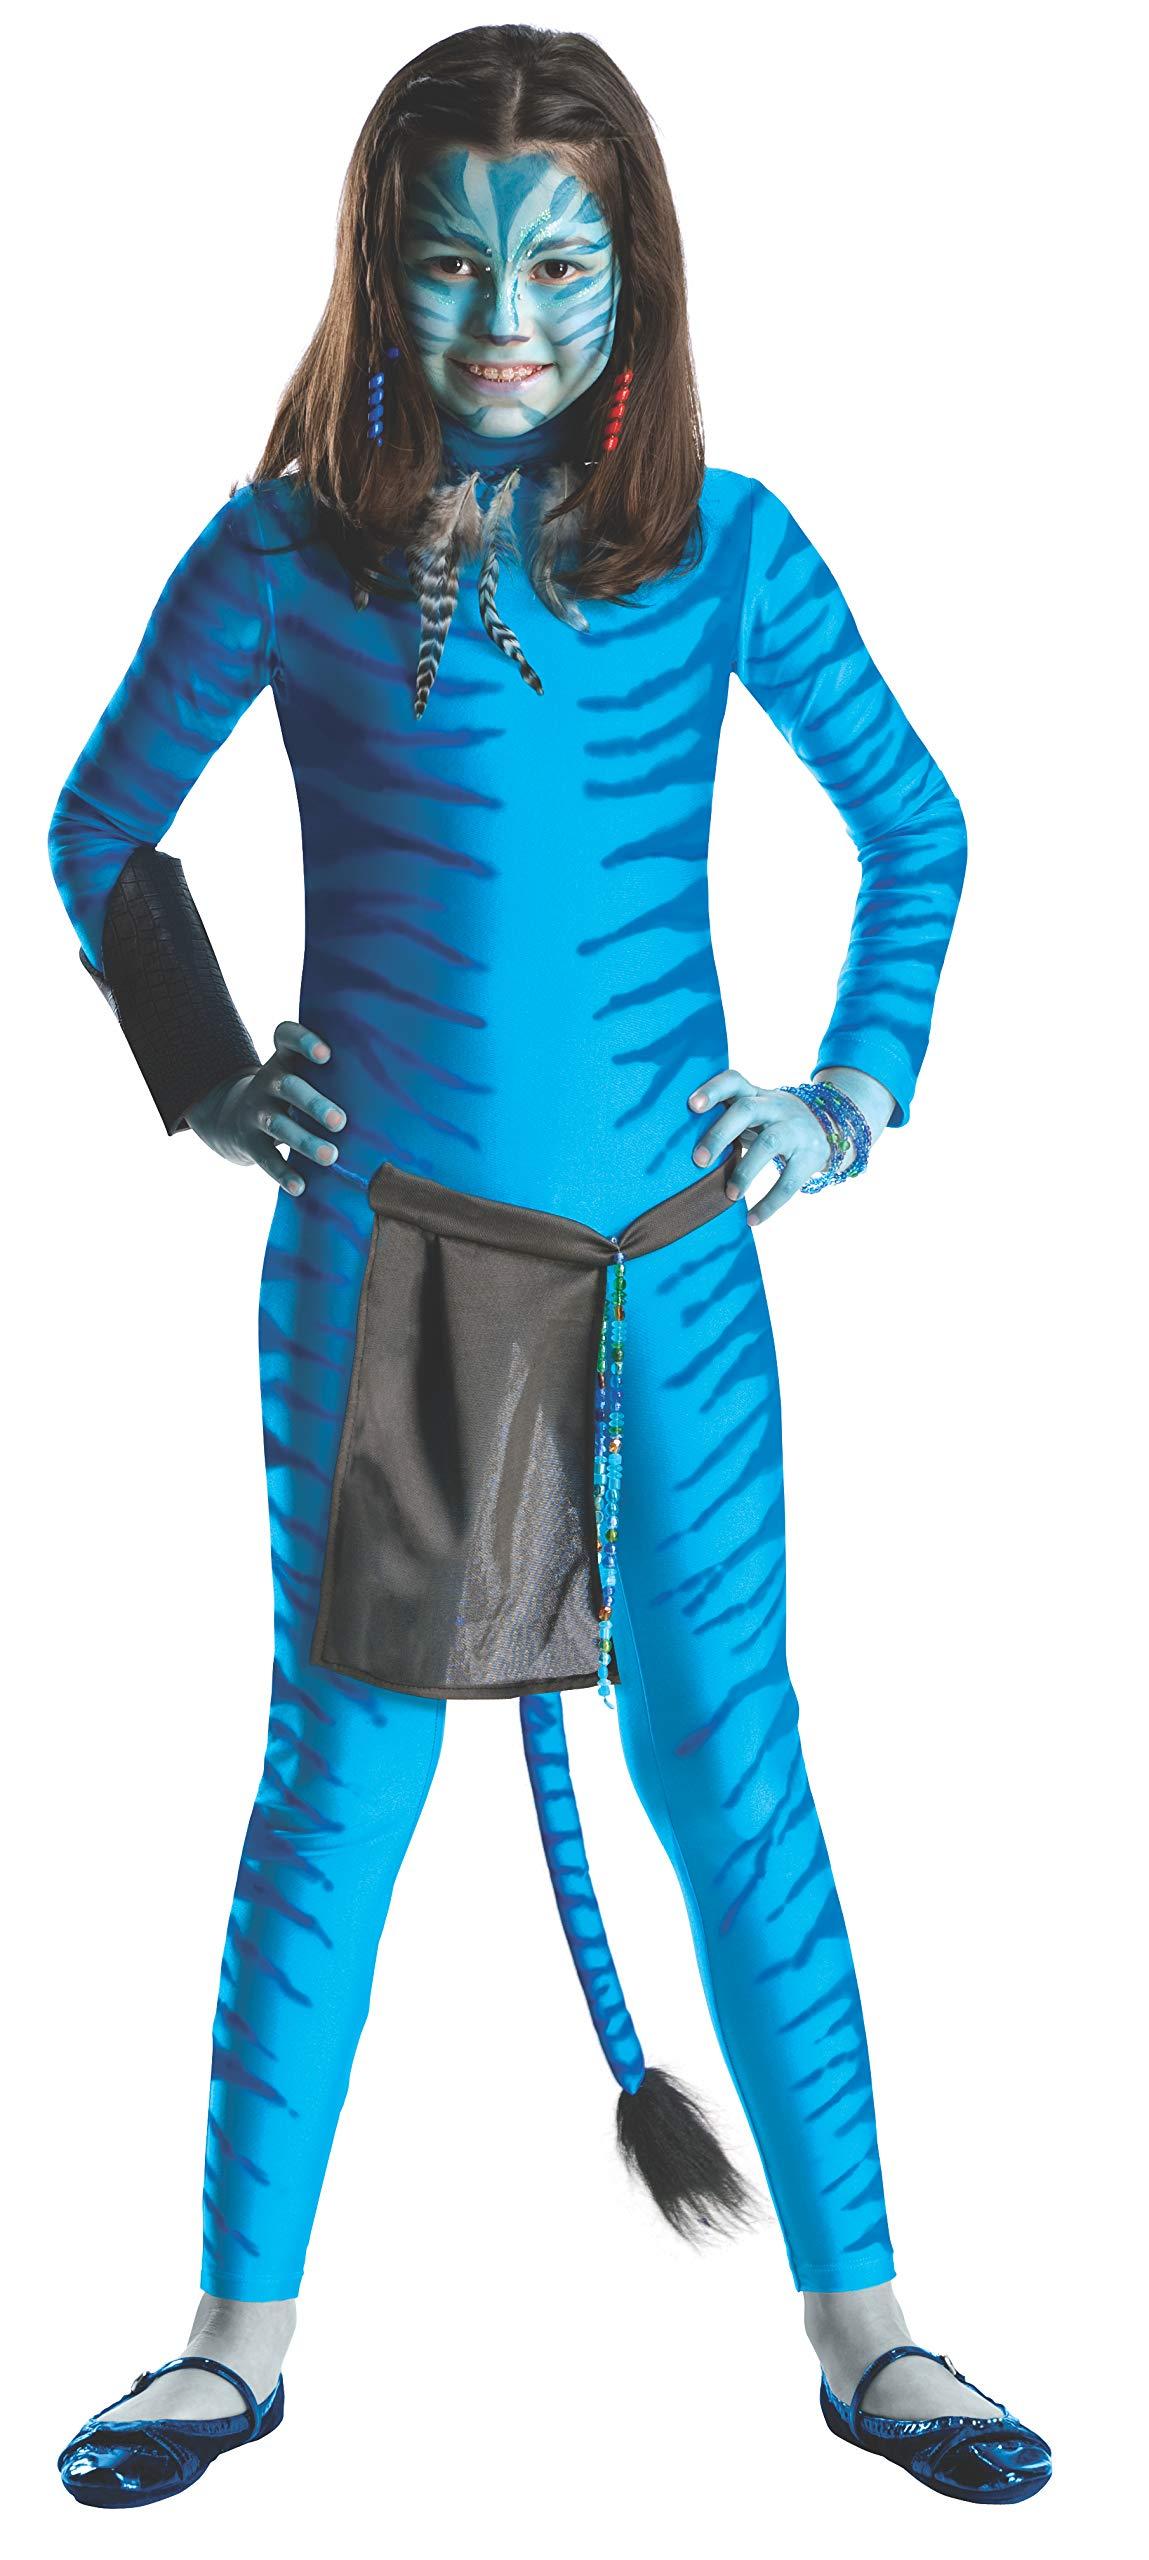 Rubbies - Disfraz de avatar para niña, talla M (5-7 años) (884294 ...